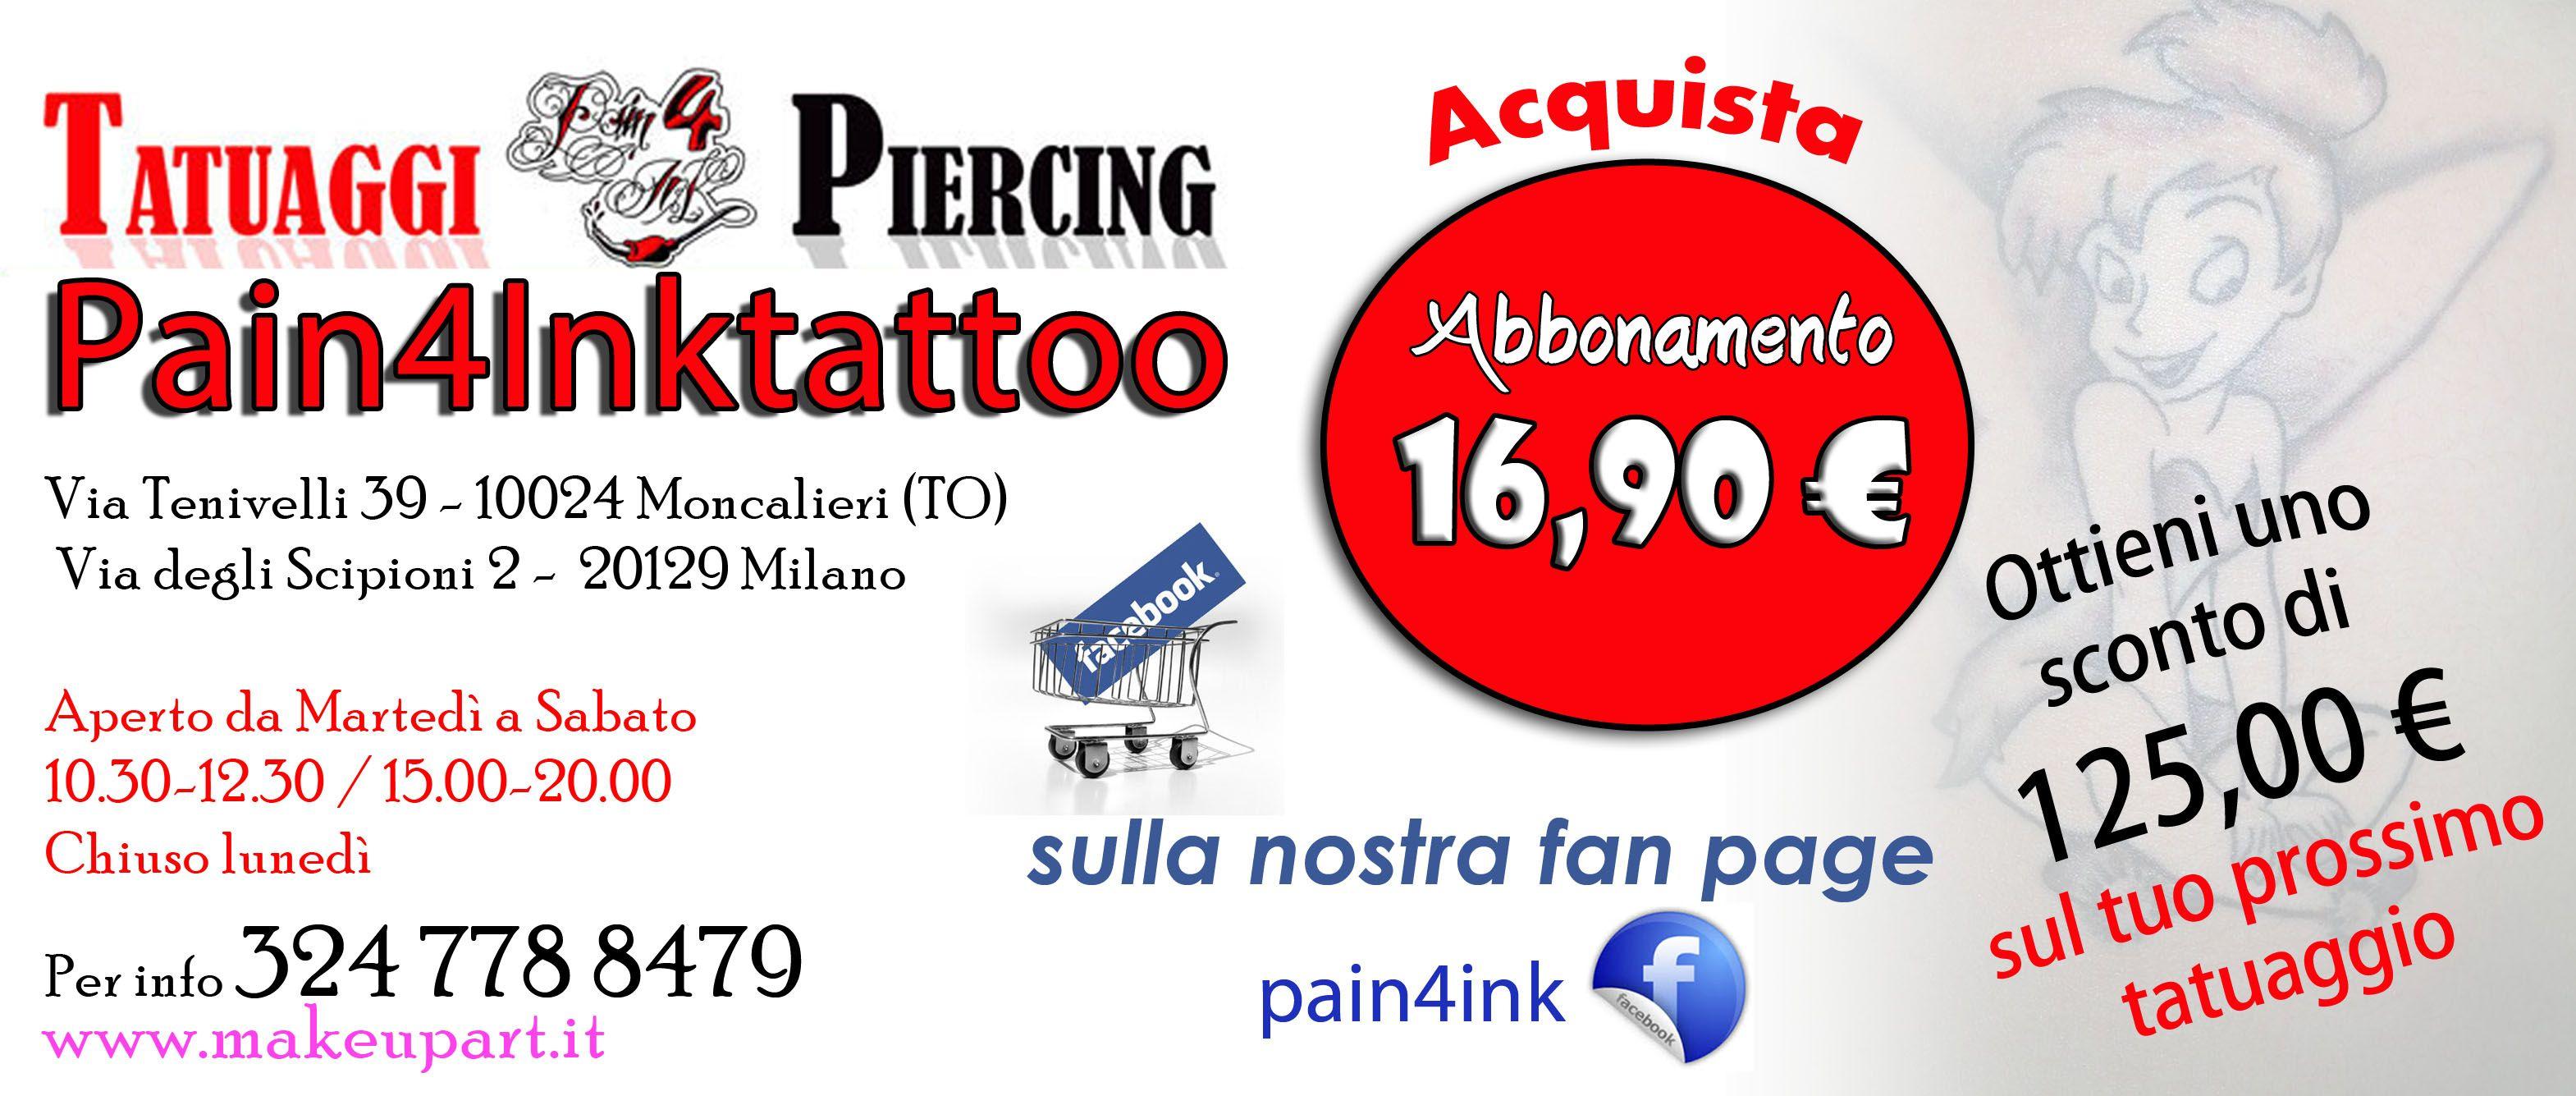 Salve, Cristina SappinoIl tuo account |  Preferiti Borsa degli acquisti (2) Ottieni uno sconto di 125,00 euro sul tuo prossimo tatuaggio acquistando questo abbonamento di 16,90 €